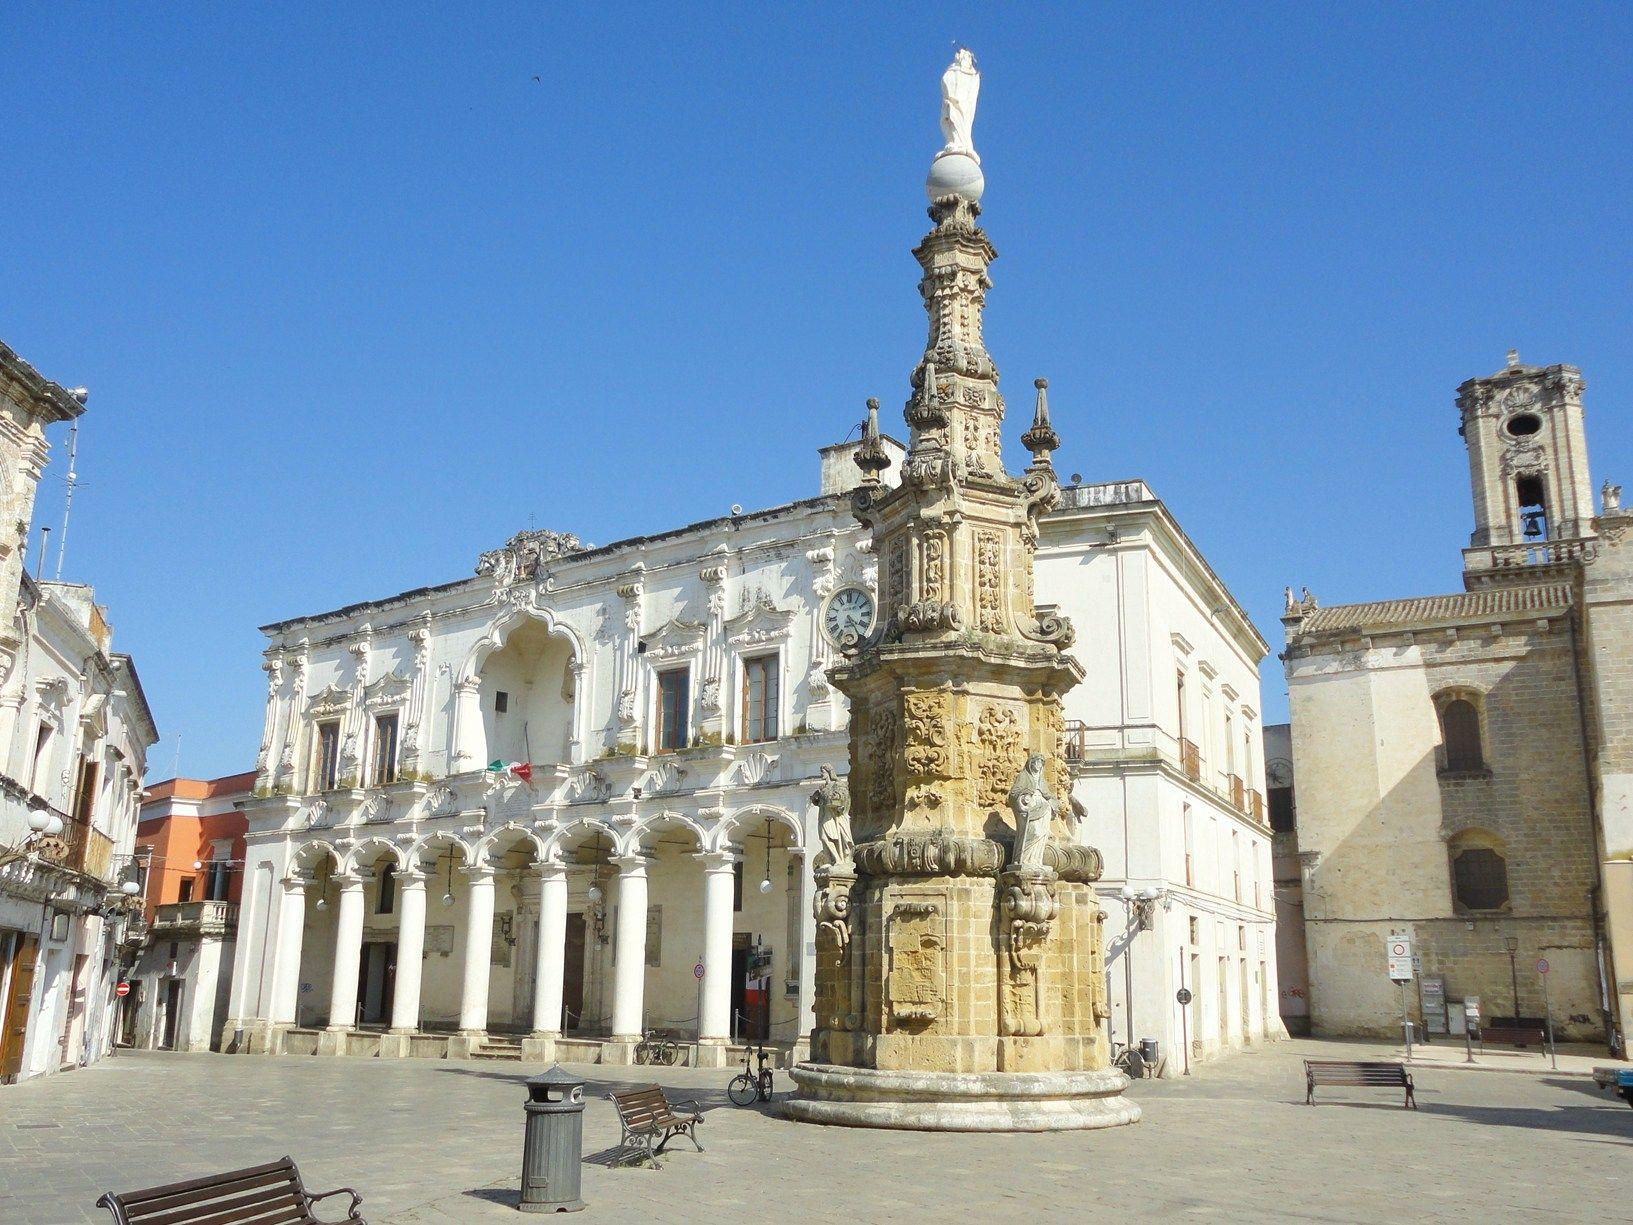 A Nardò (Le) il concorso per sistemare Piazza S. Antonio